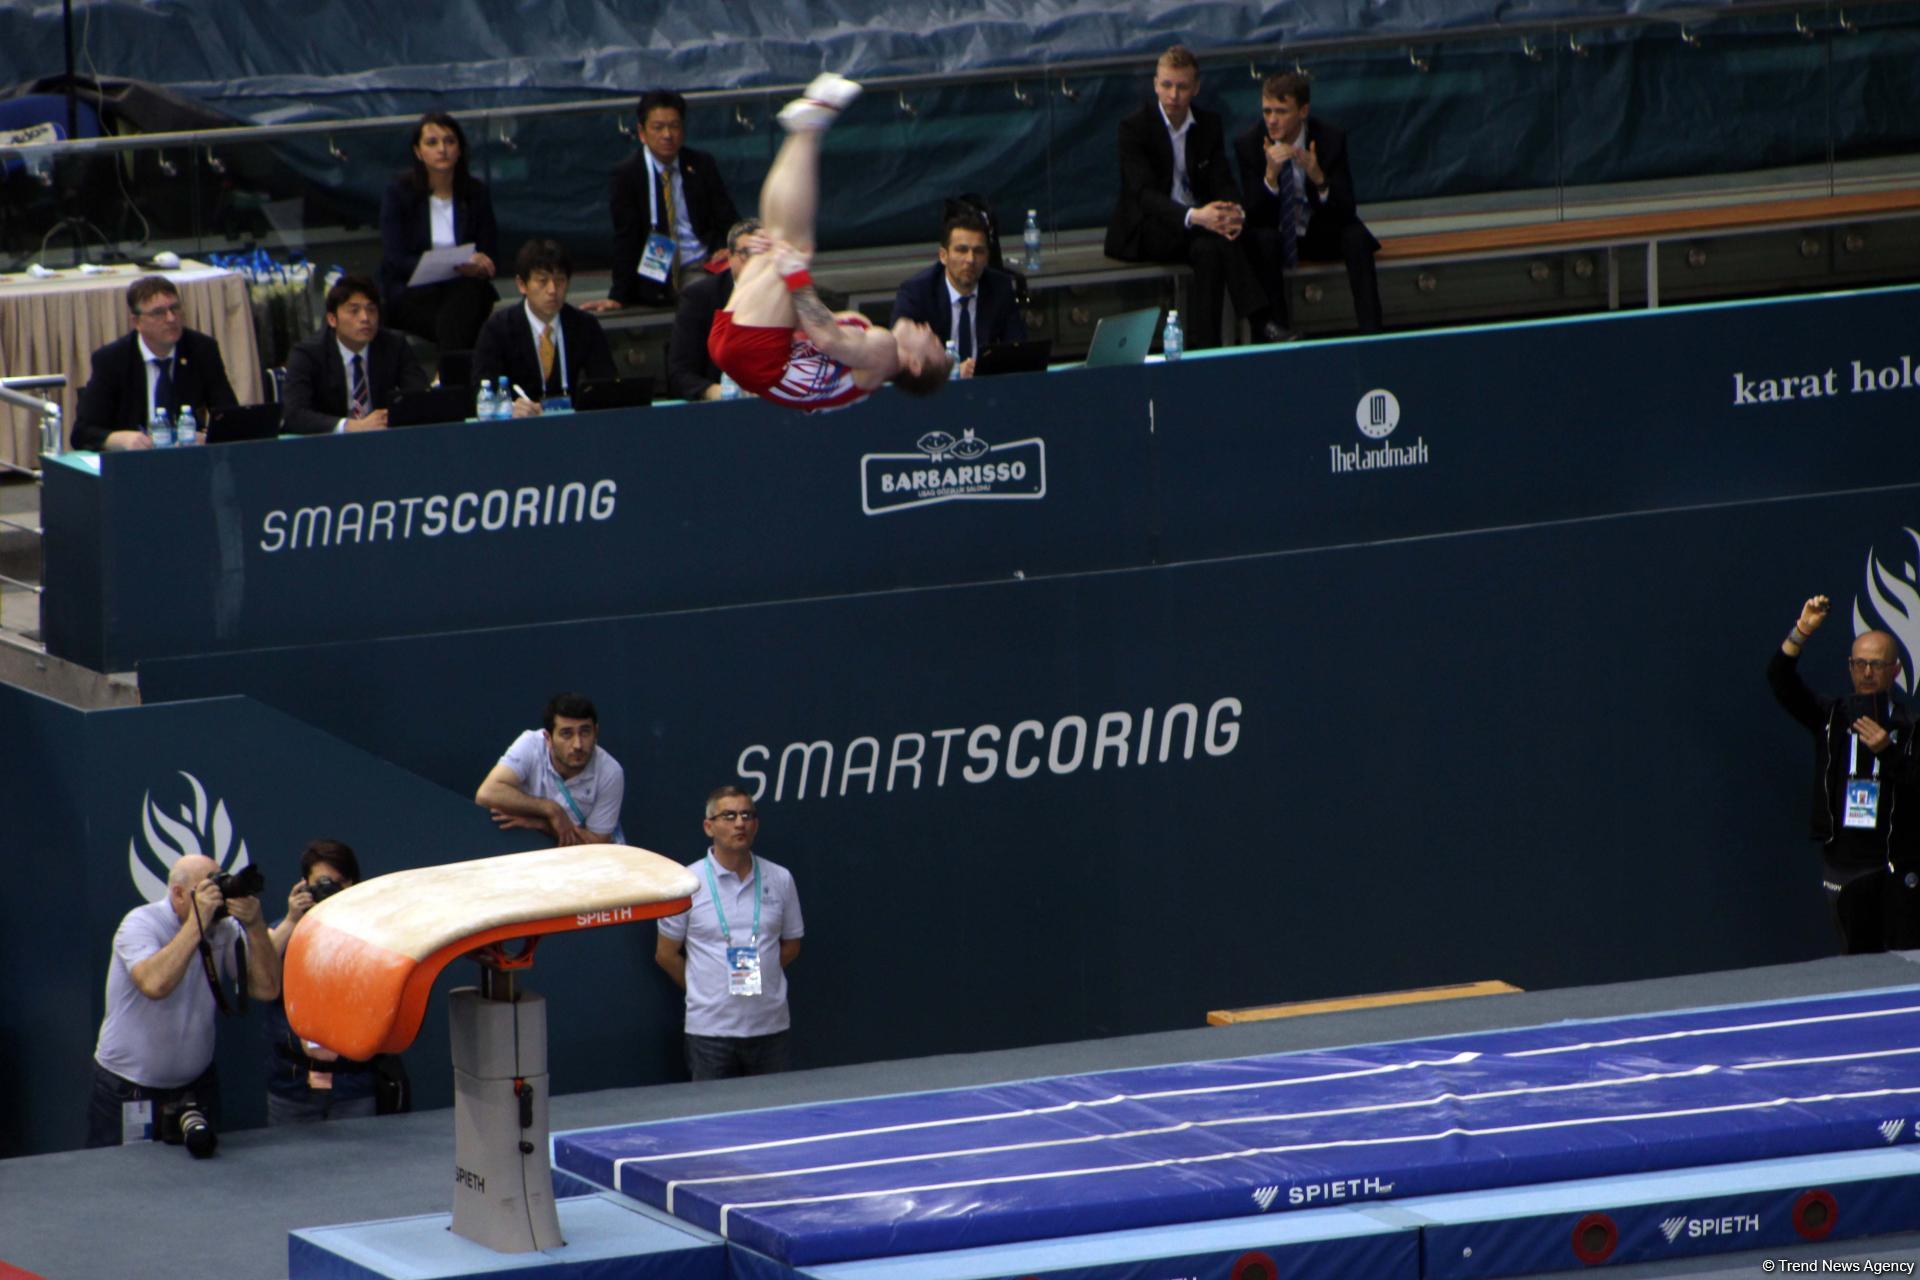 Стартовал последний день соревнований Кубка мира по спортивной гимнастике в Баку (ФОТО) - Gallery Image